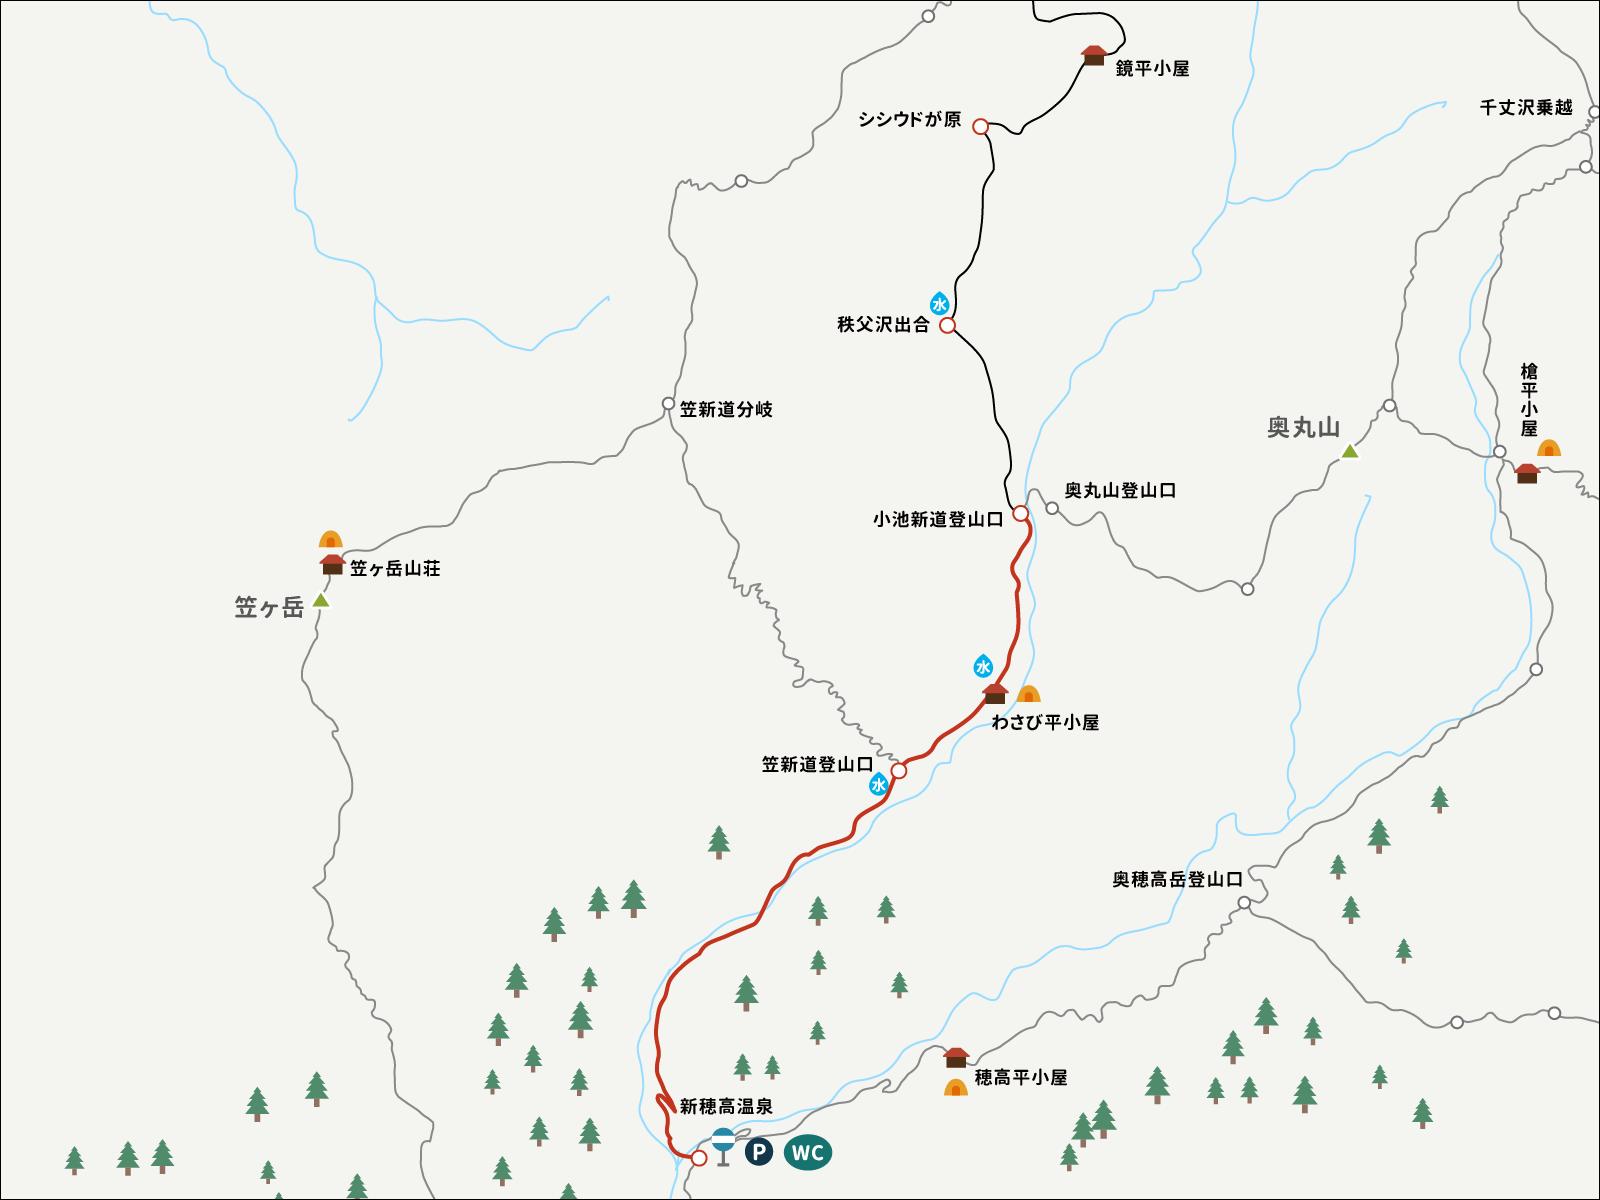 小池新道登山口から新穂高温泉までのイラストマップ